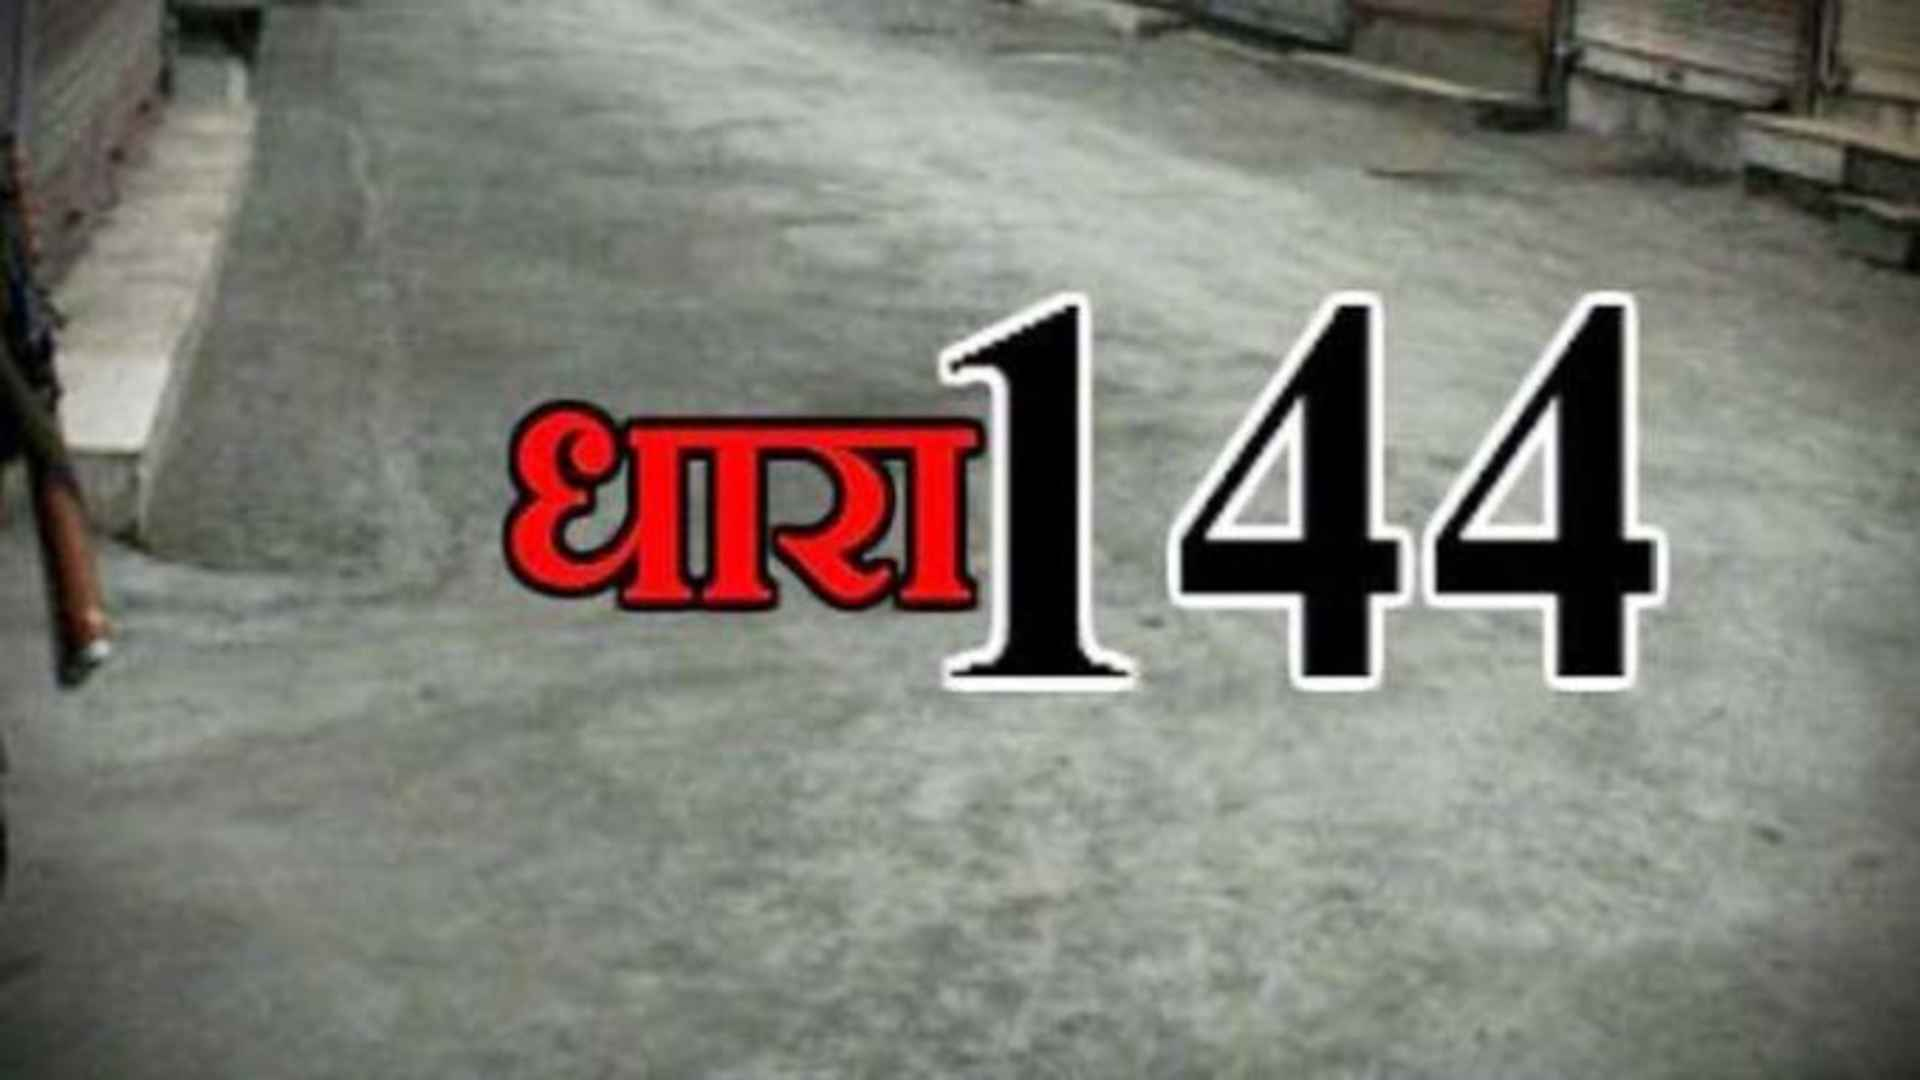 बाराचवर चतुर्थ से सपा के भावी प्रत्याशी रविन्द्र यादव के उपर धारा 144 के तहत मुकदमा दर्ज